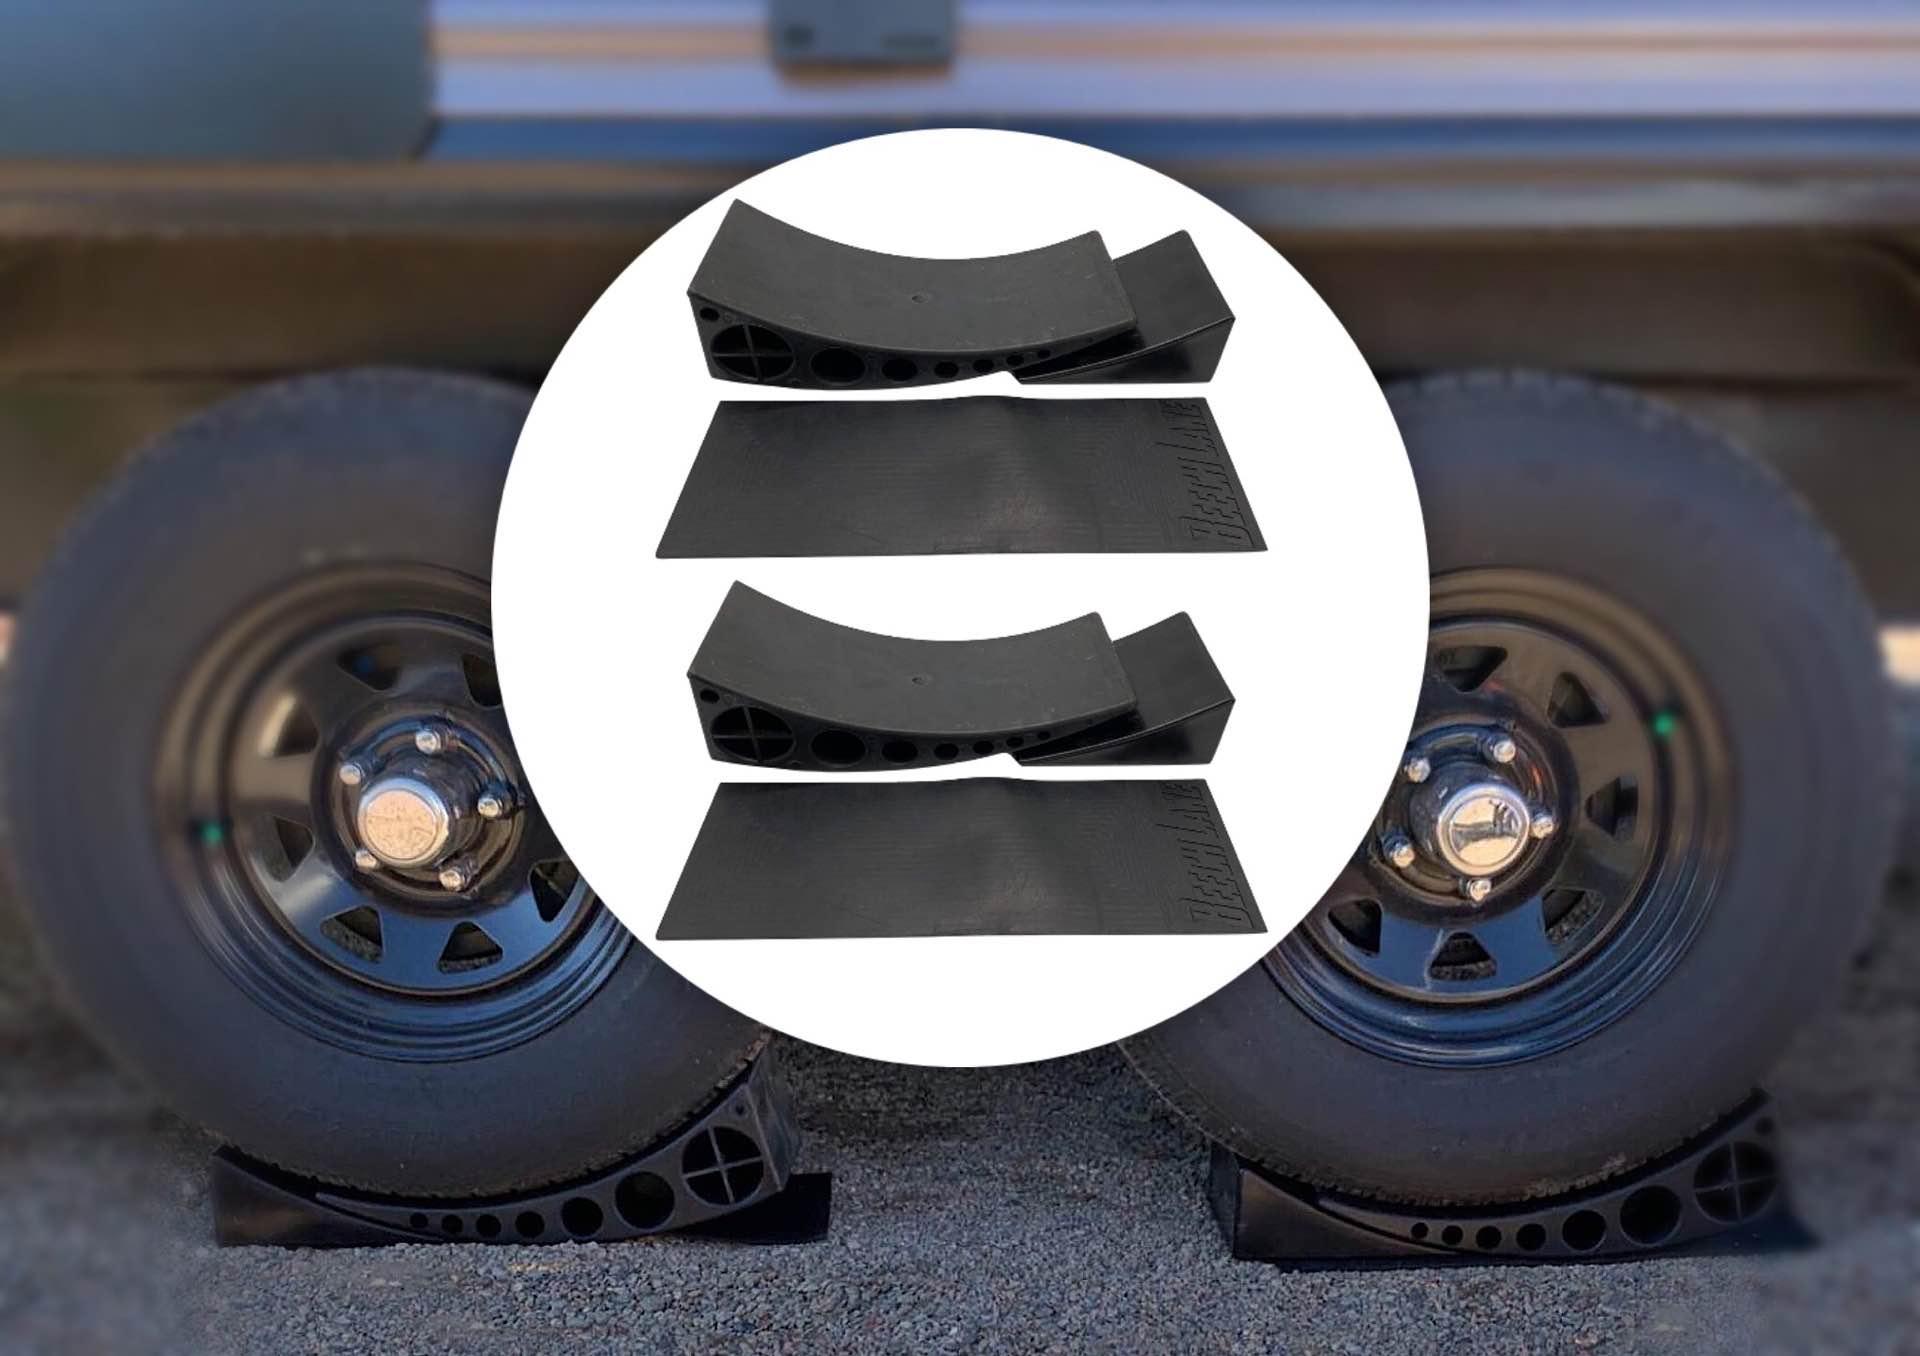 beech-lane-curved-camper-leveler-set